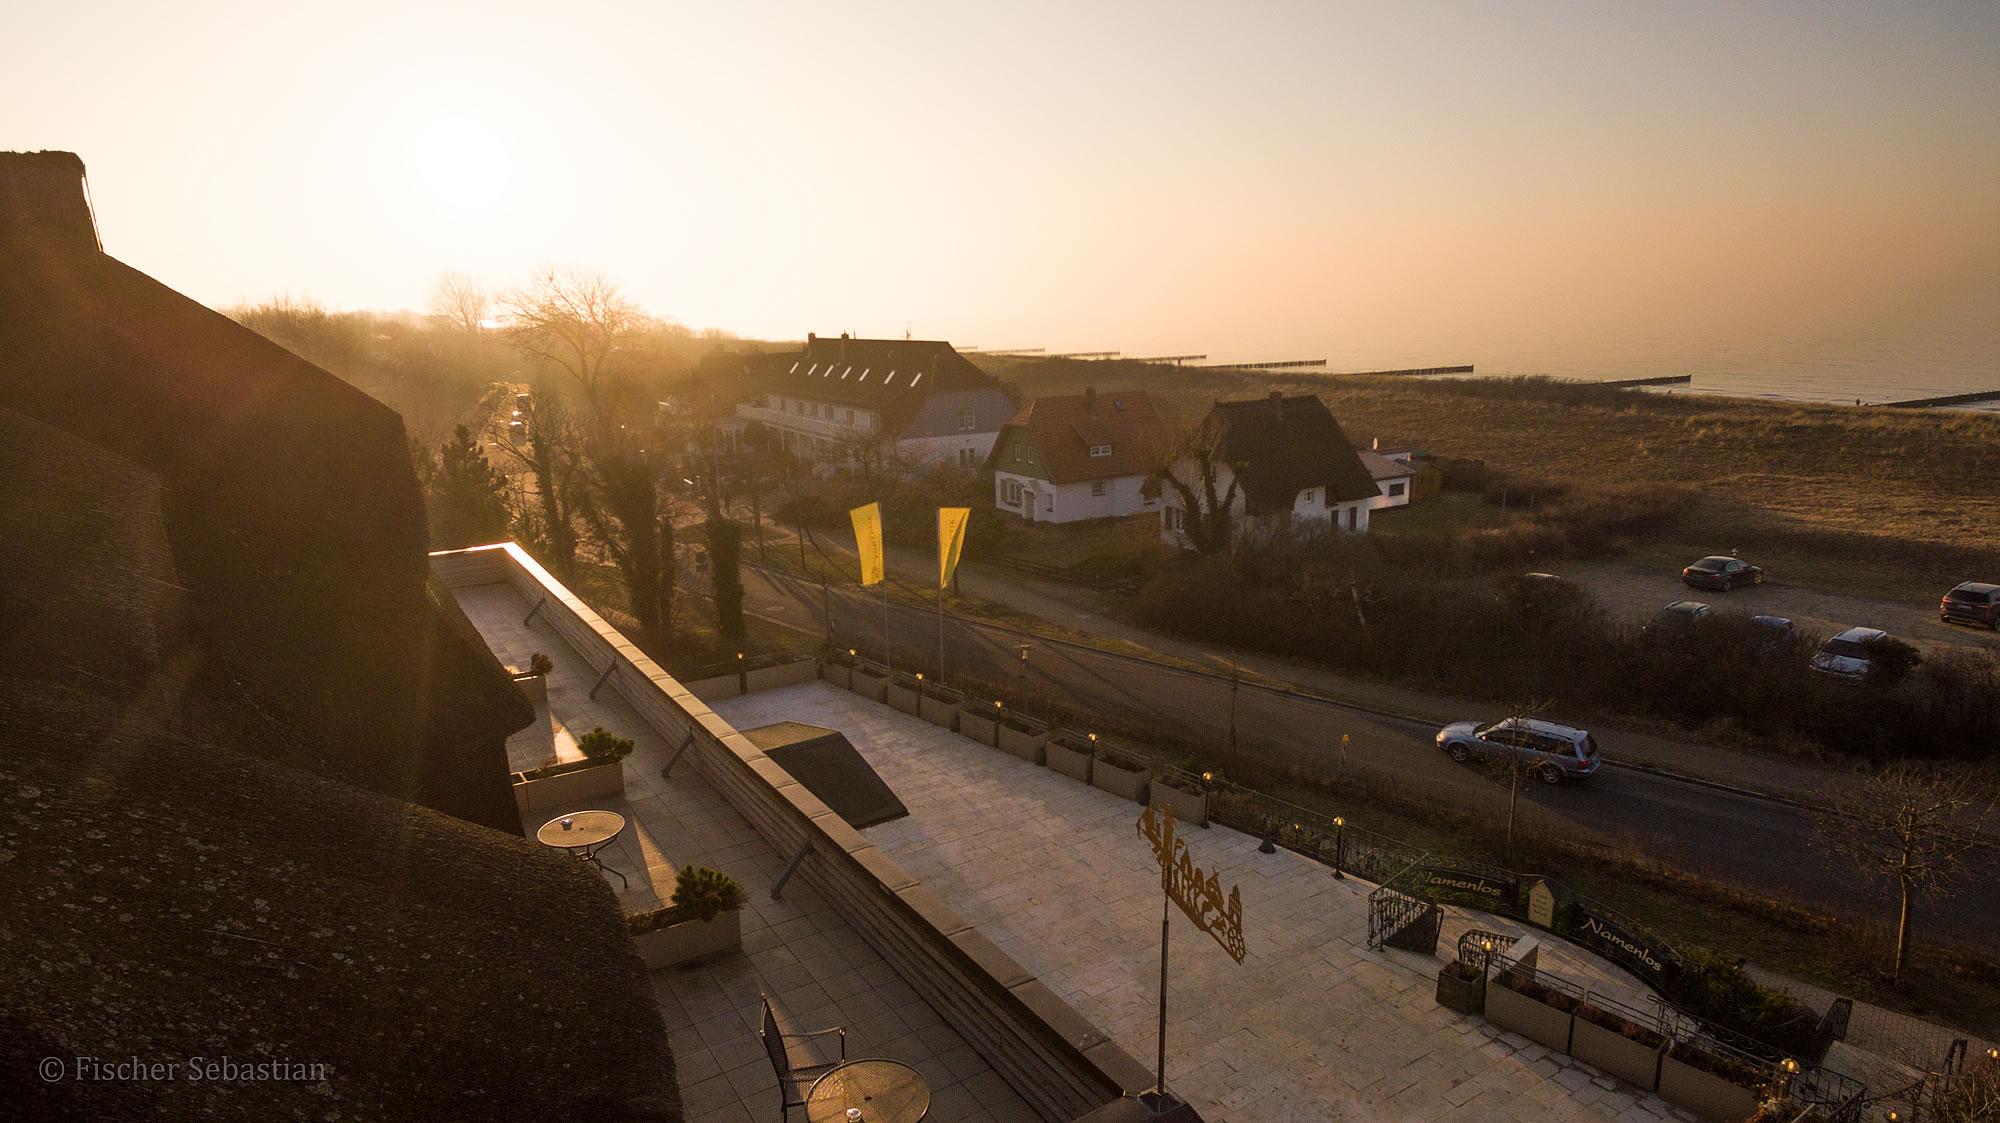 Hotel Namenlos, Blick zum Strand, Drohnenfoto